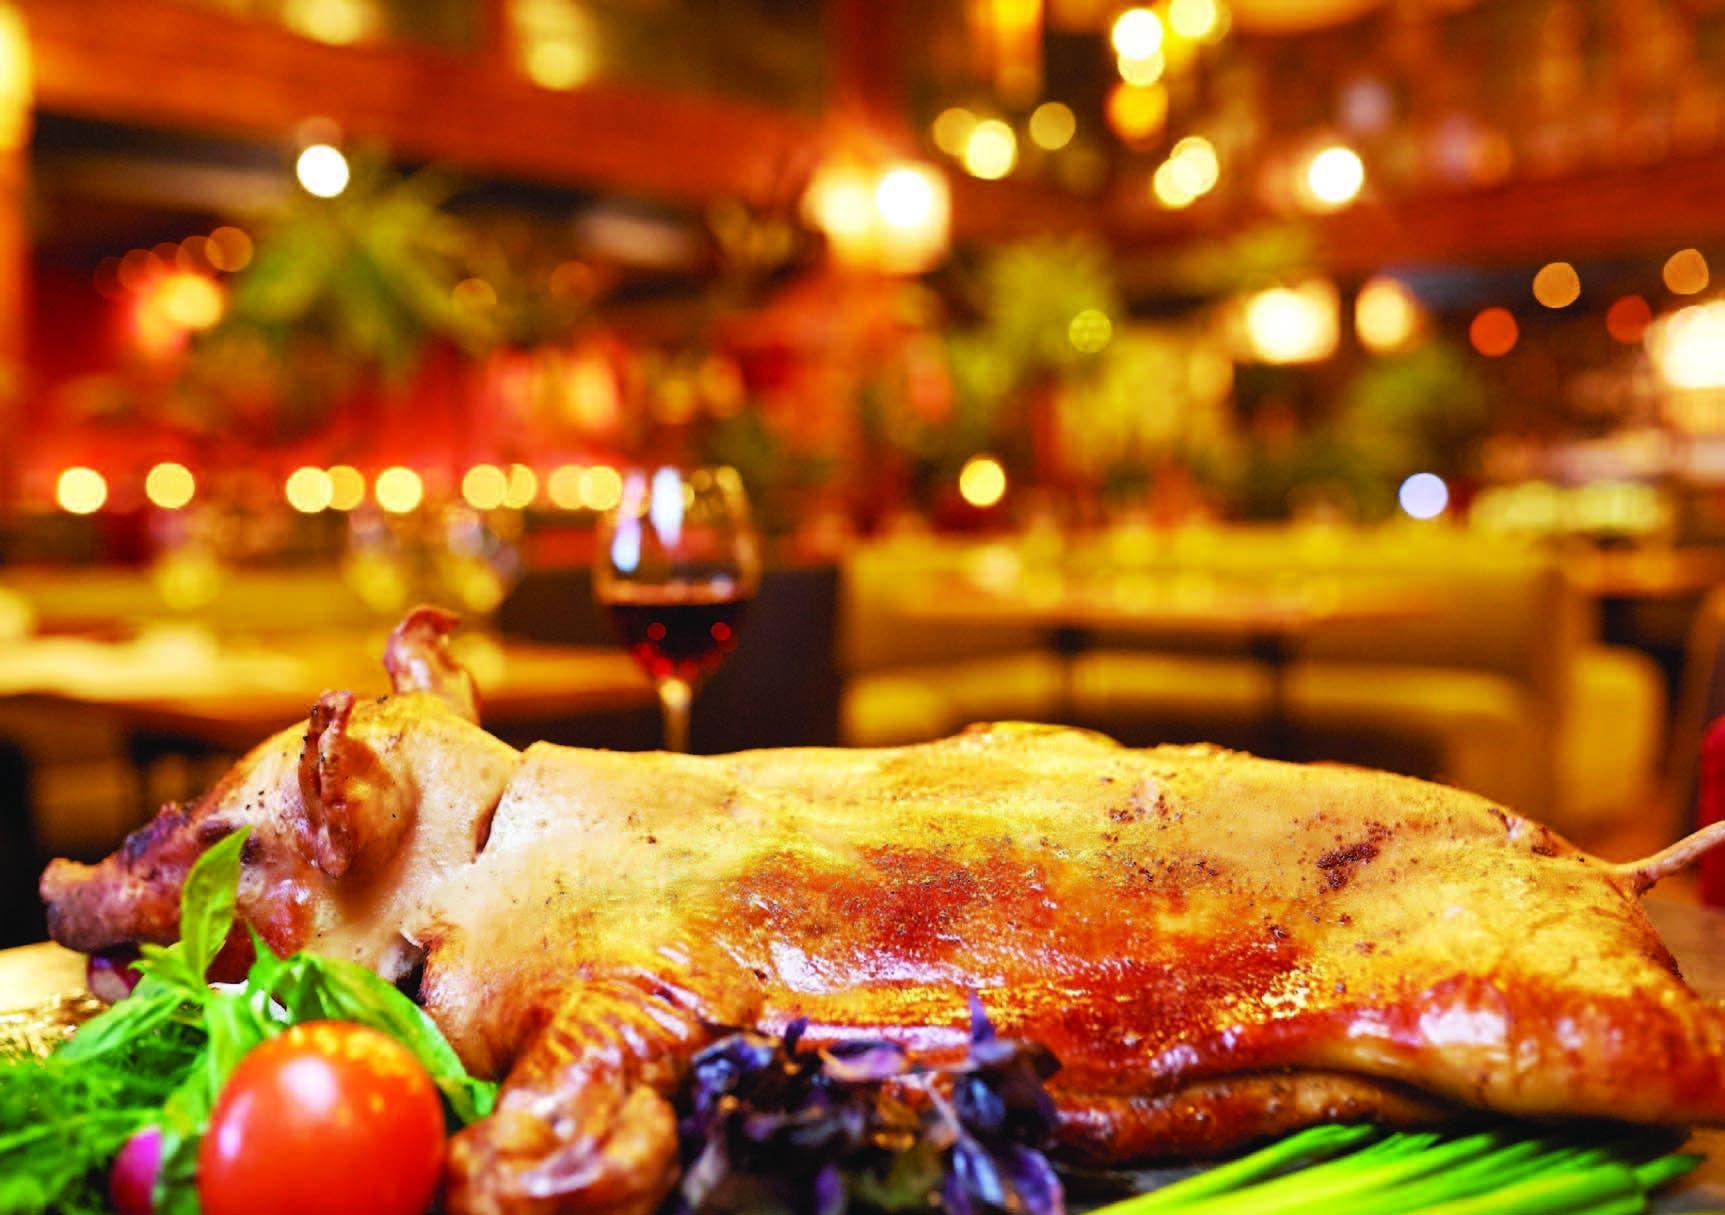 En los últimos años se ha popularizado rellenar el cerdo con moro. Aunque no es una novedad, cada vez crece más esta tendencia entre los comensales